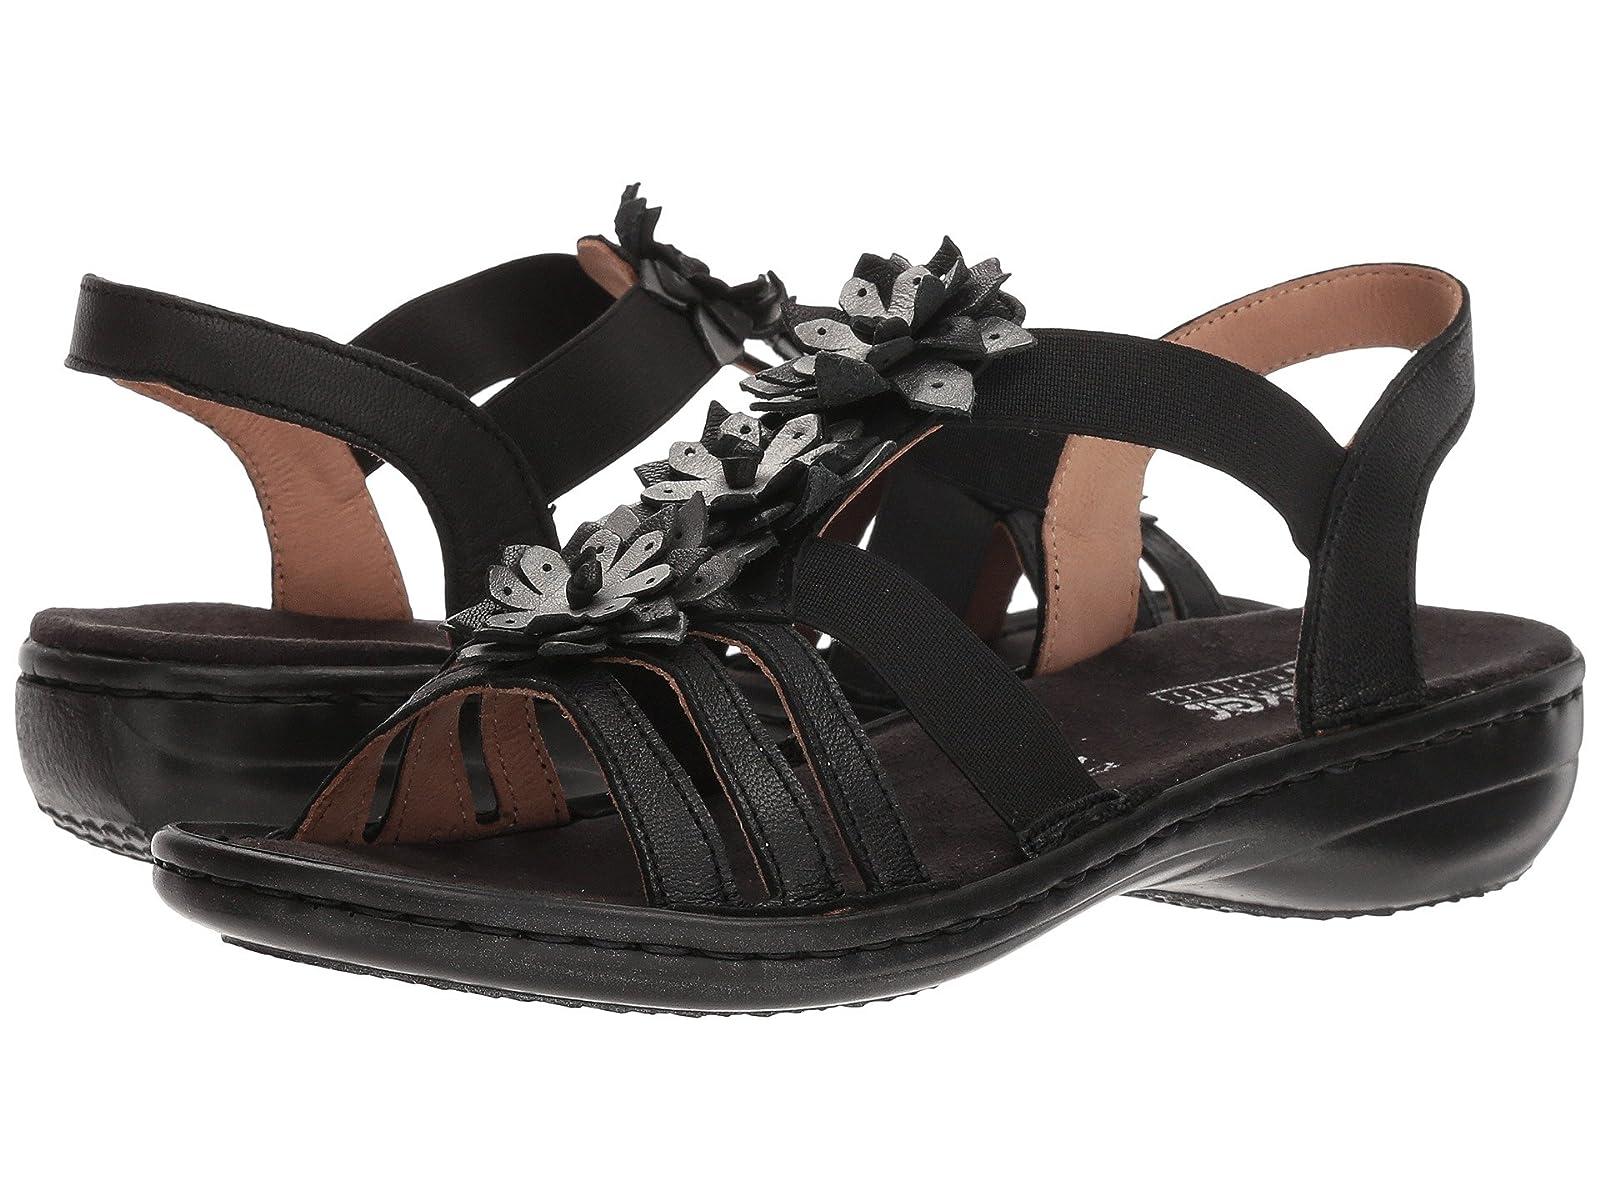 Rieker 60858 Regina 58 AnkleAtmospheric grades have affordable shoes